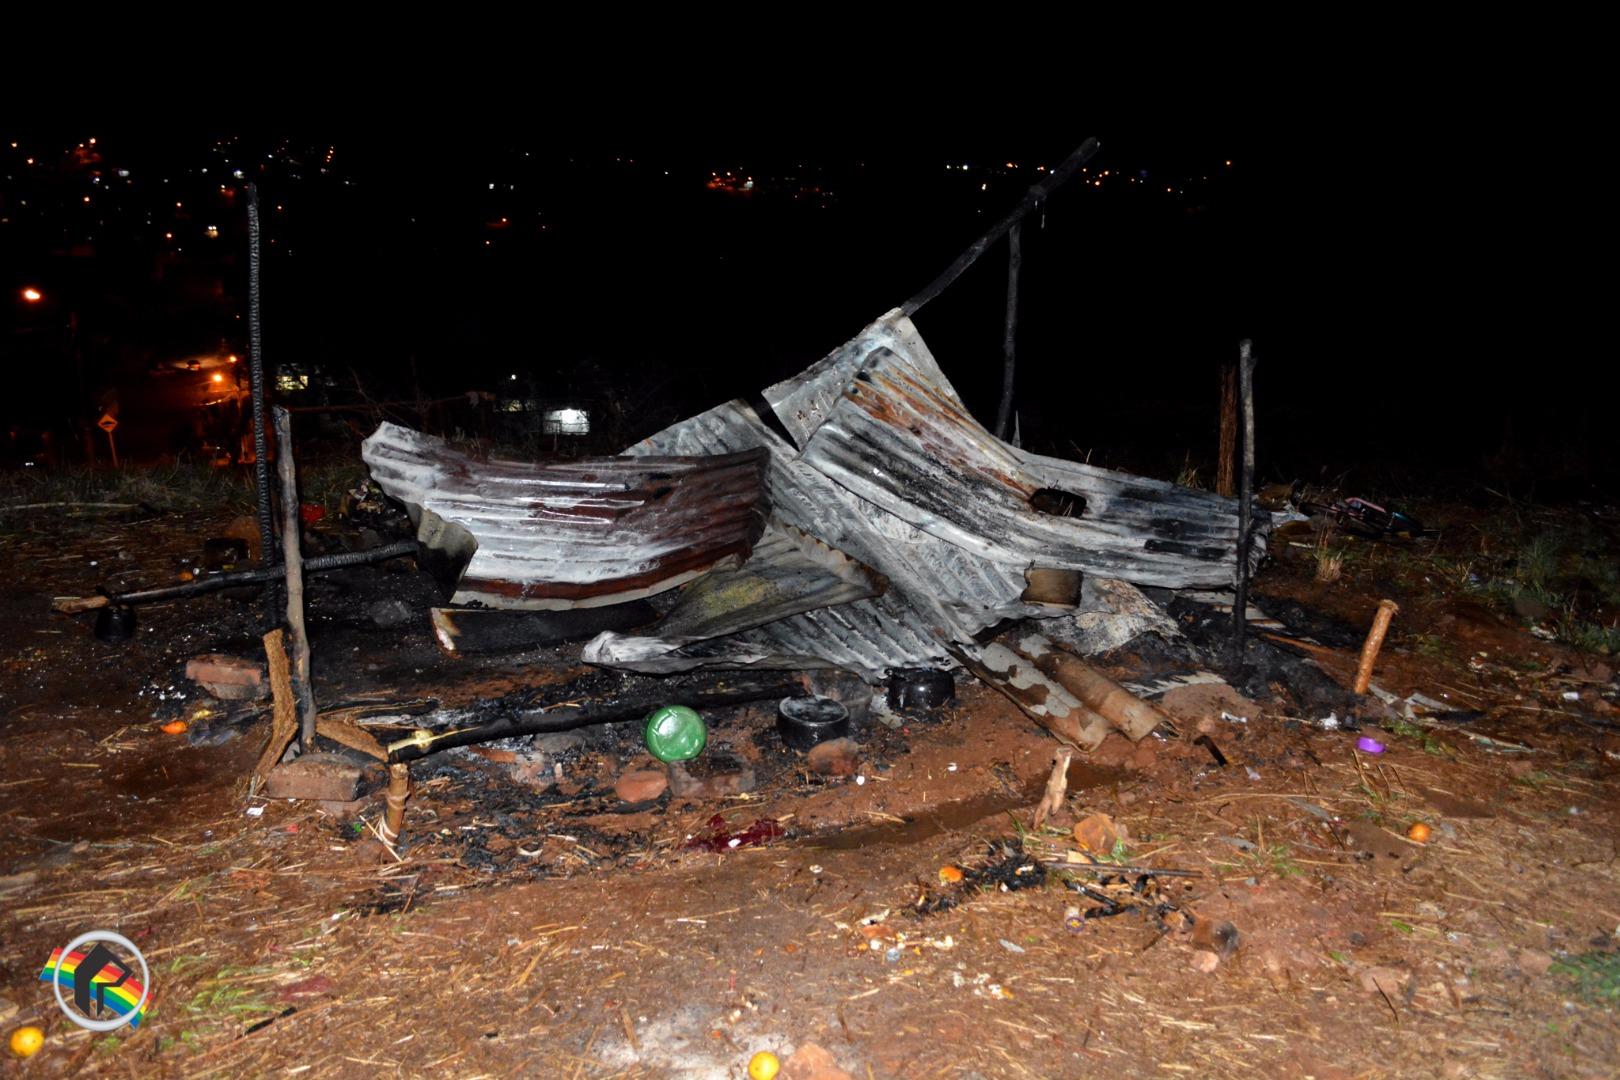 VÍDEO: Barraco é destruído pelo fogo no bairro Sagrado Coração de Jesus